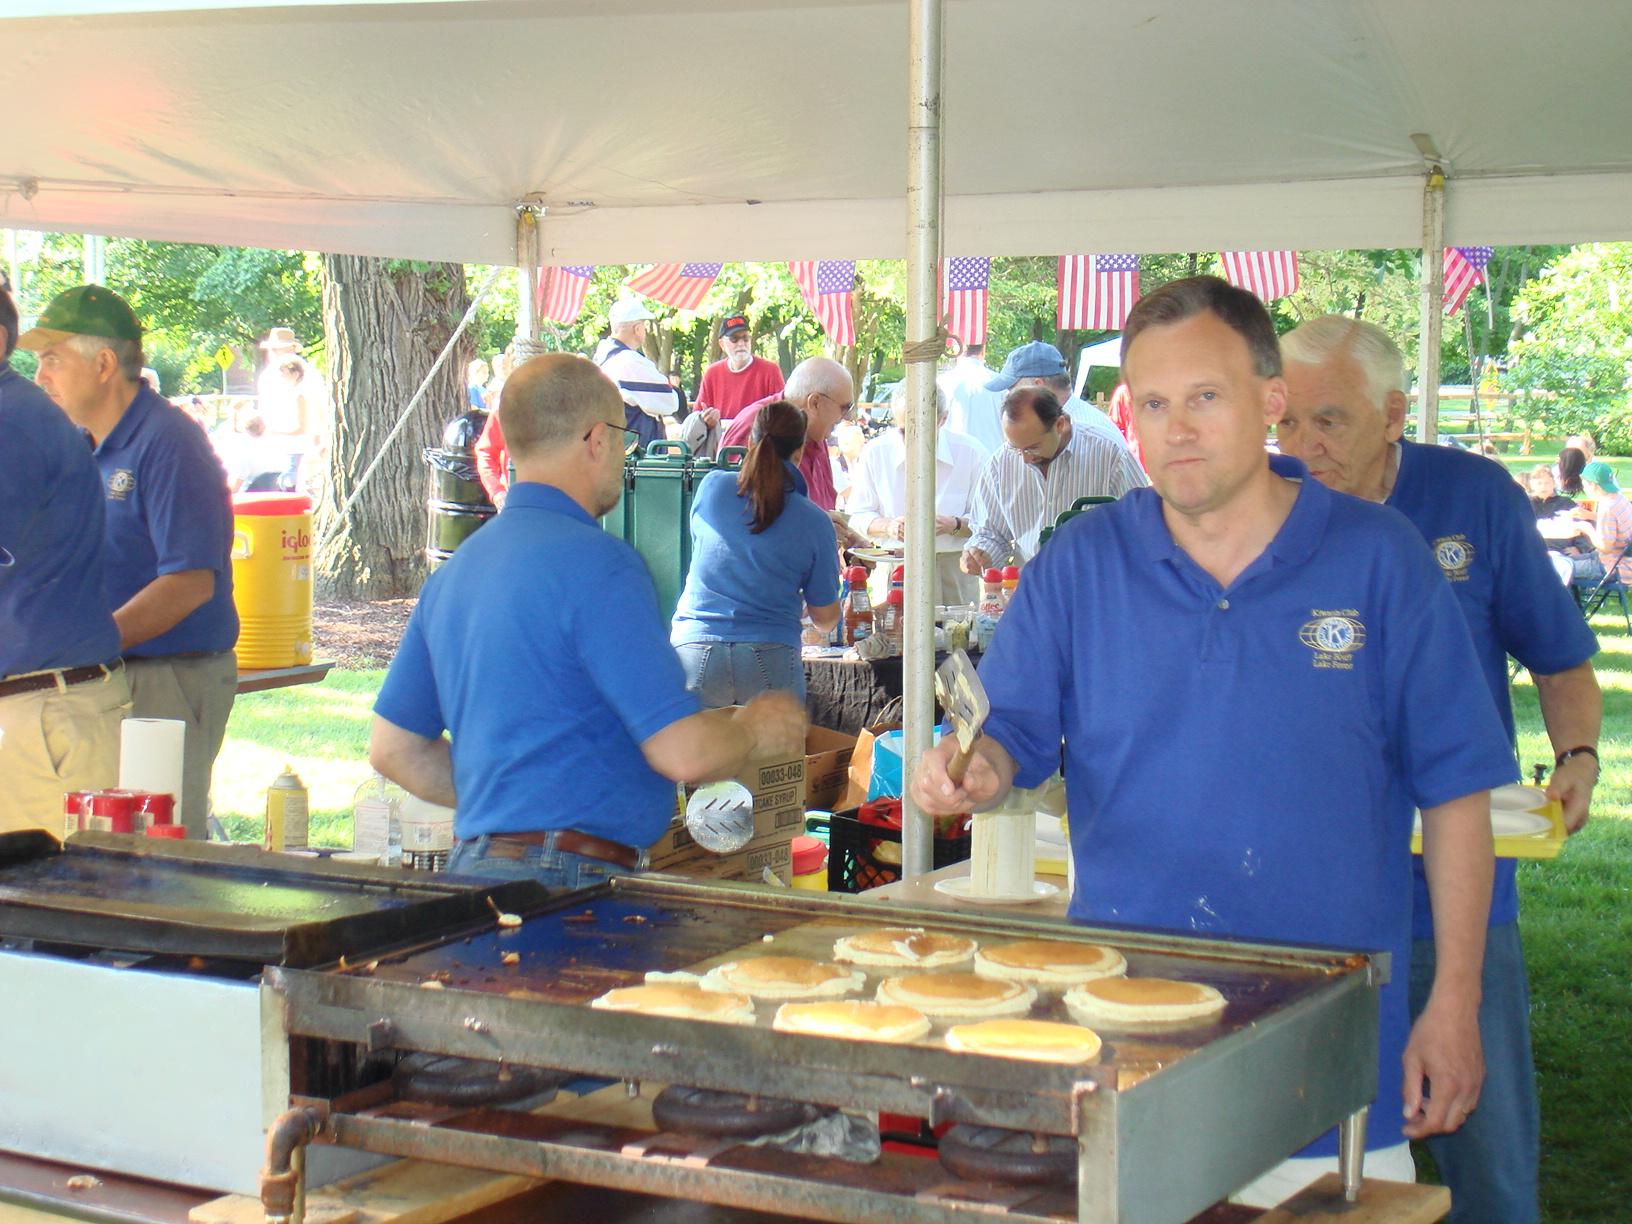 Jim Gillen flipping pancakes.